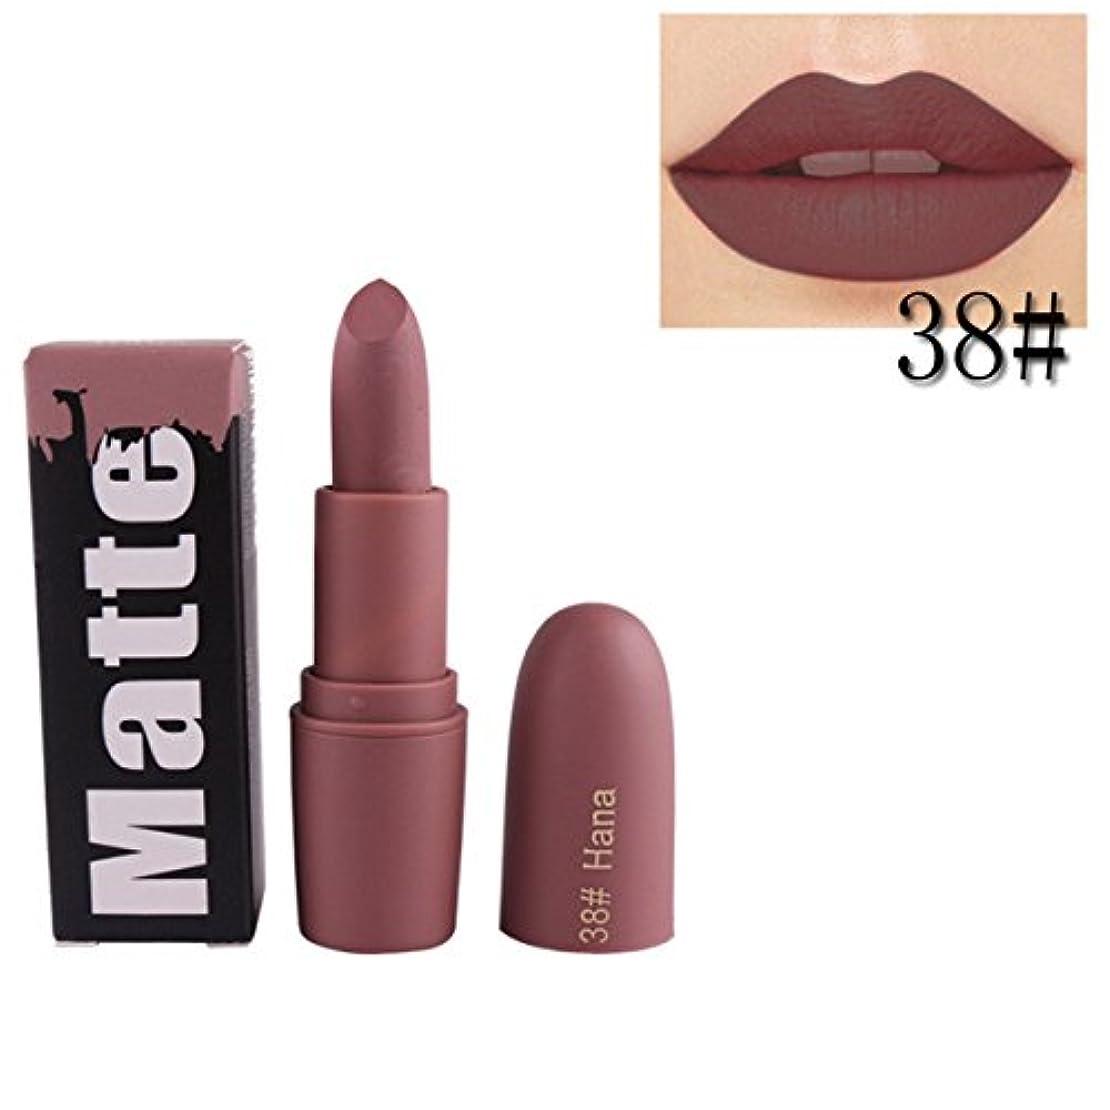 計算素晴らしい二度女性口紅 BOBOGOJP 欧米風 ミストマット リップグロス 18色選択 保湿 持続性 魅力的 リップリップスティック モイスチャライジング リップスティックメイク 恋する唇 おすすめリップスティック (H)